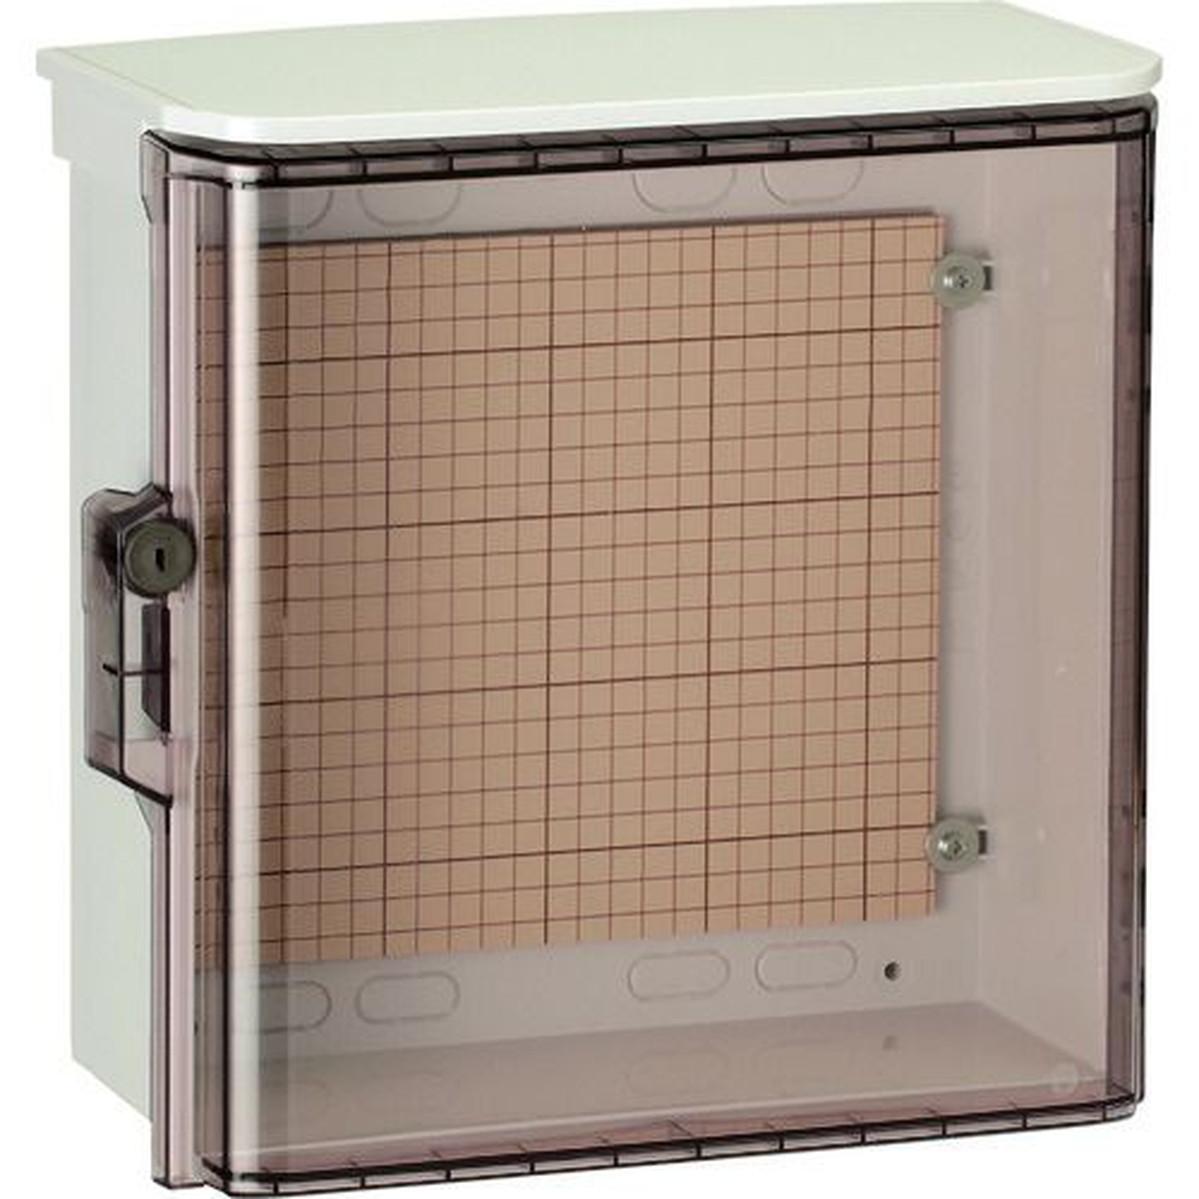 買い誠実 Nito 1個 日東工業 キー付耐候プラボックス OPK20-65CA OPK20−65CA 1個入り Nito 1個, エニースタイル:72ad99a6 --- bungsu.net